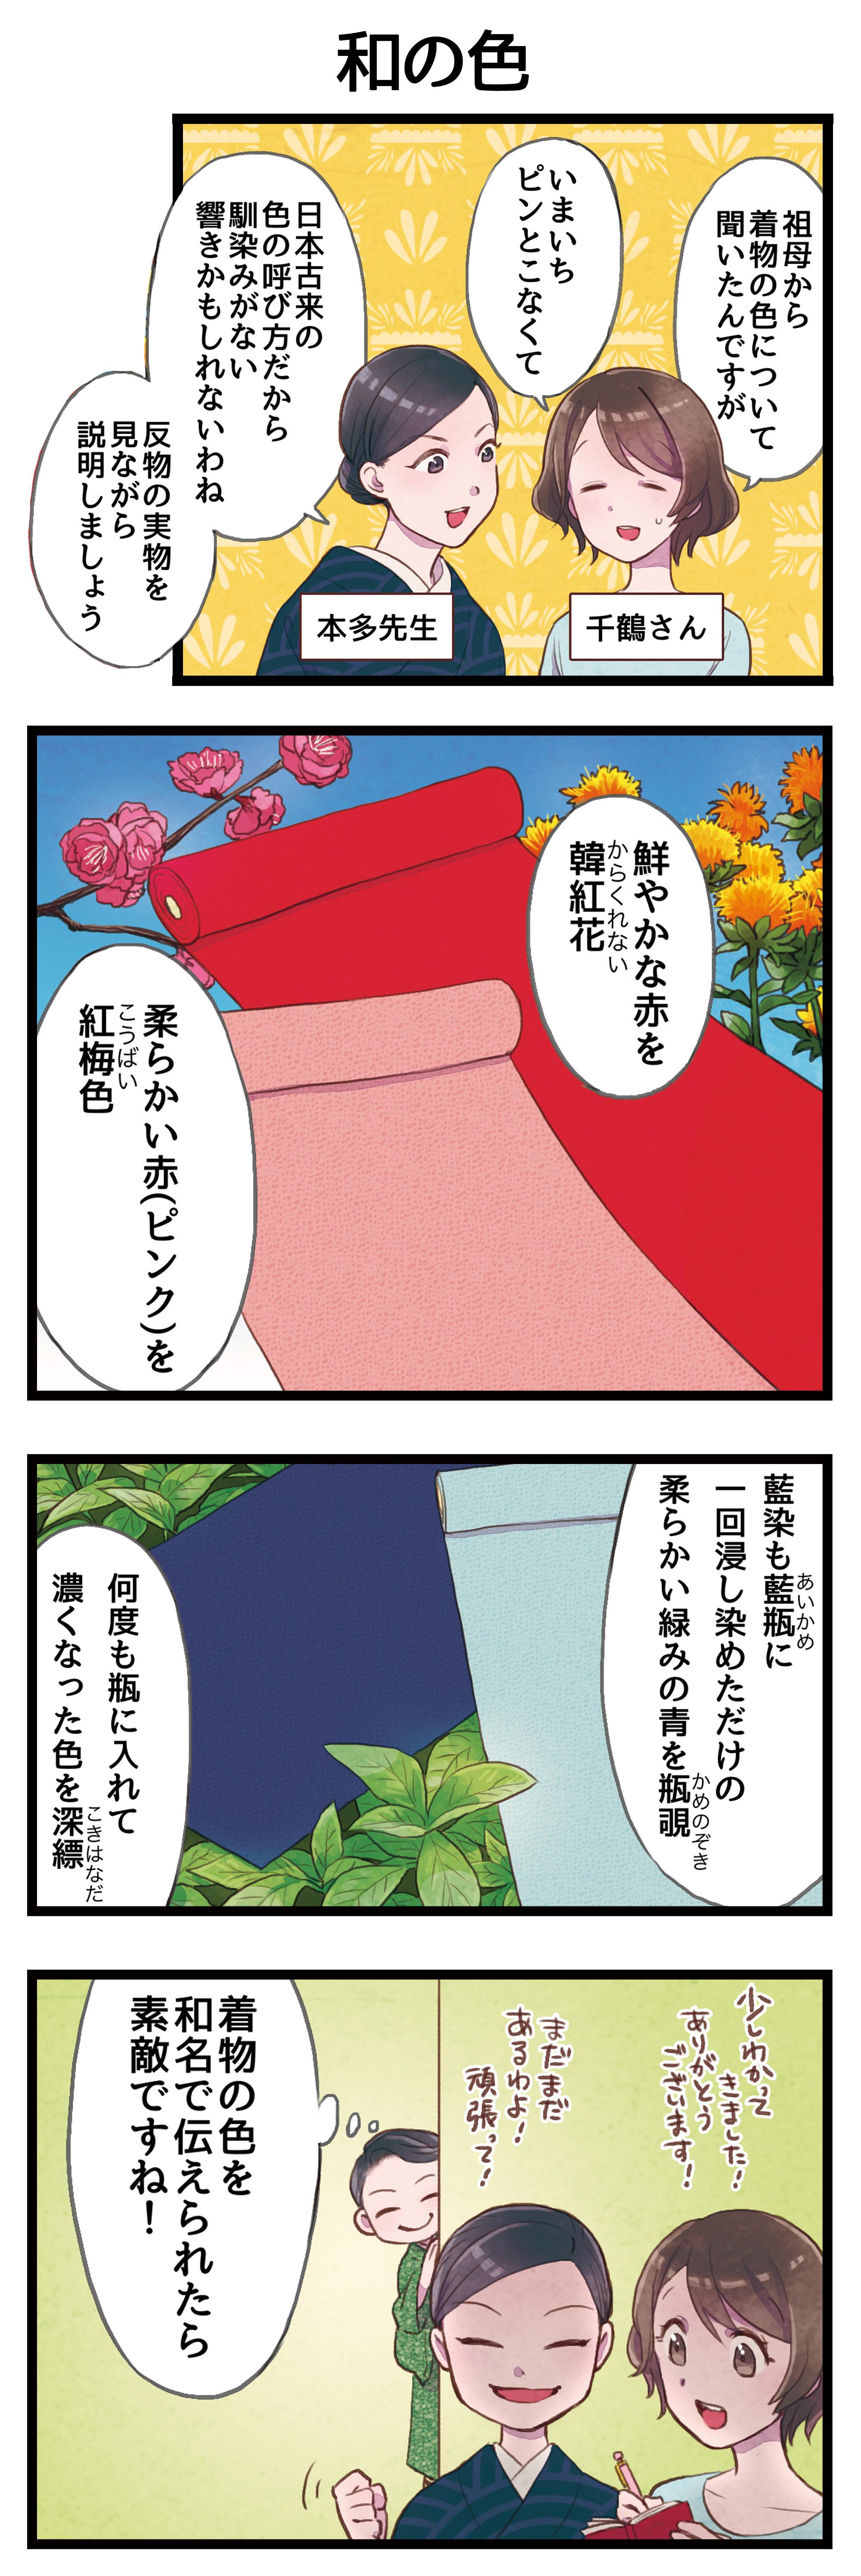 和の色の着物 大阪・兵庫・京都・滋賀・奈良など近畿一円に 日本の伝統と文化を広める「きもの着付け教室」